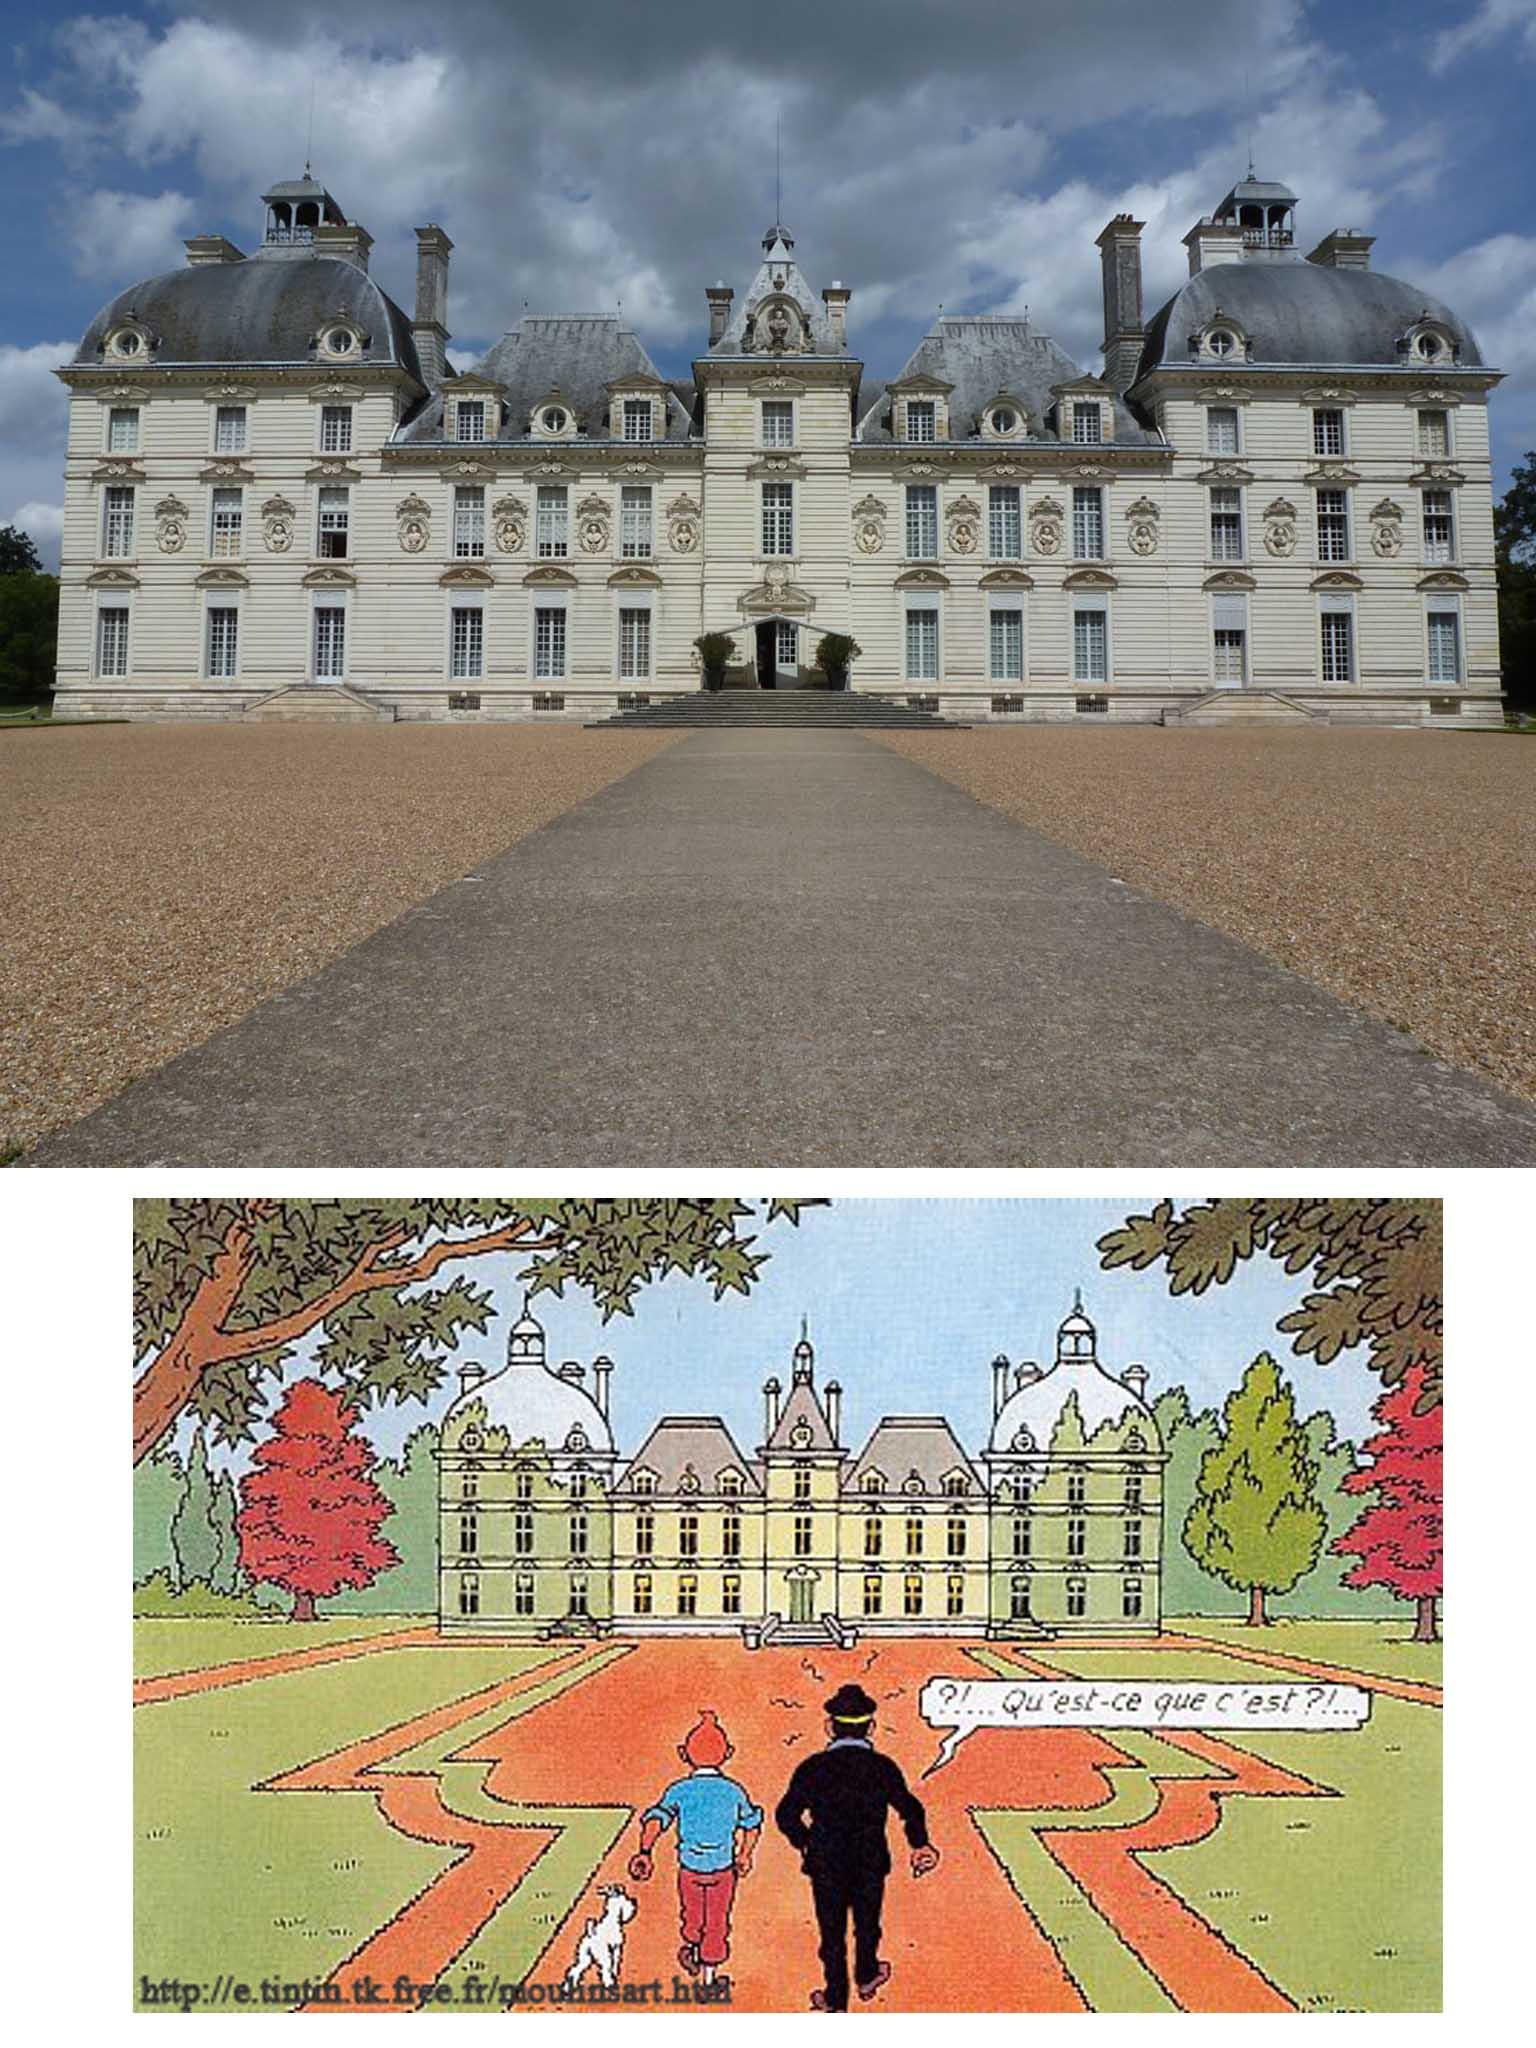 Le ch teau de tintin cheverny architectureanecdotes - Le chateau de moulinsart ...